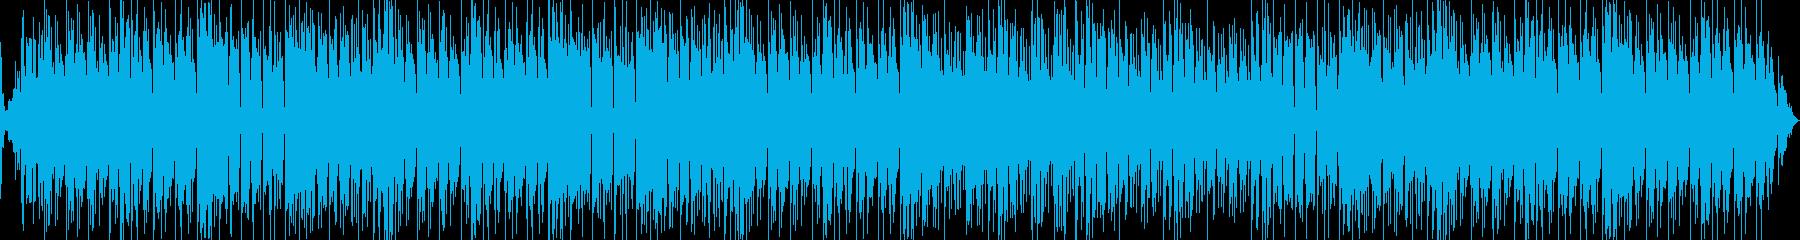 グルーヴ感の入ったダンスミュージックの再生済みの波形